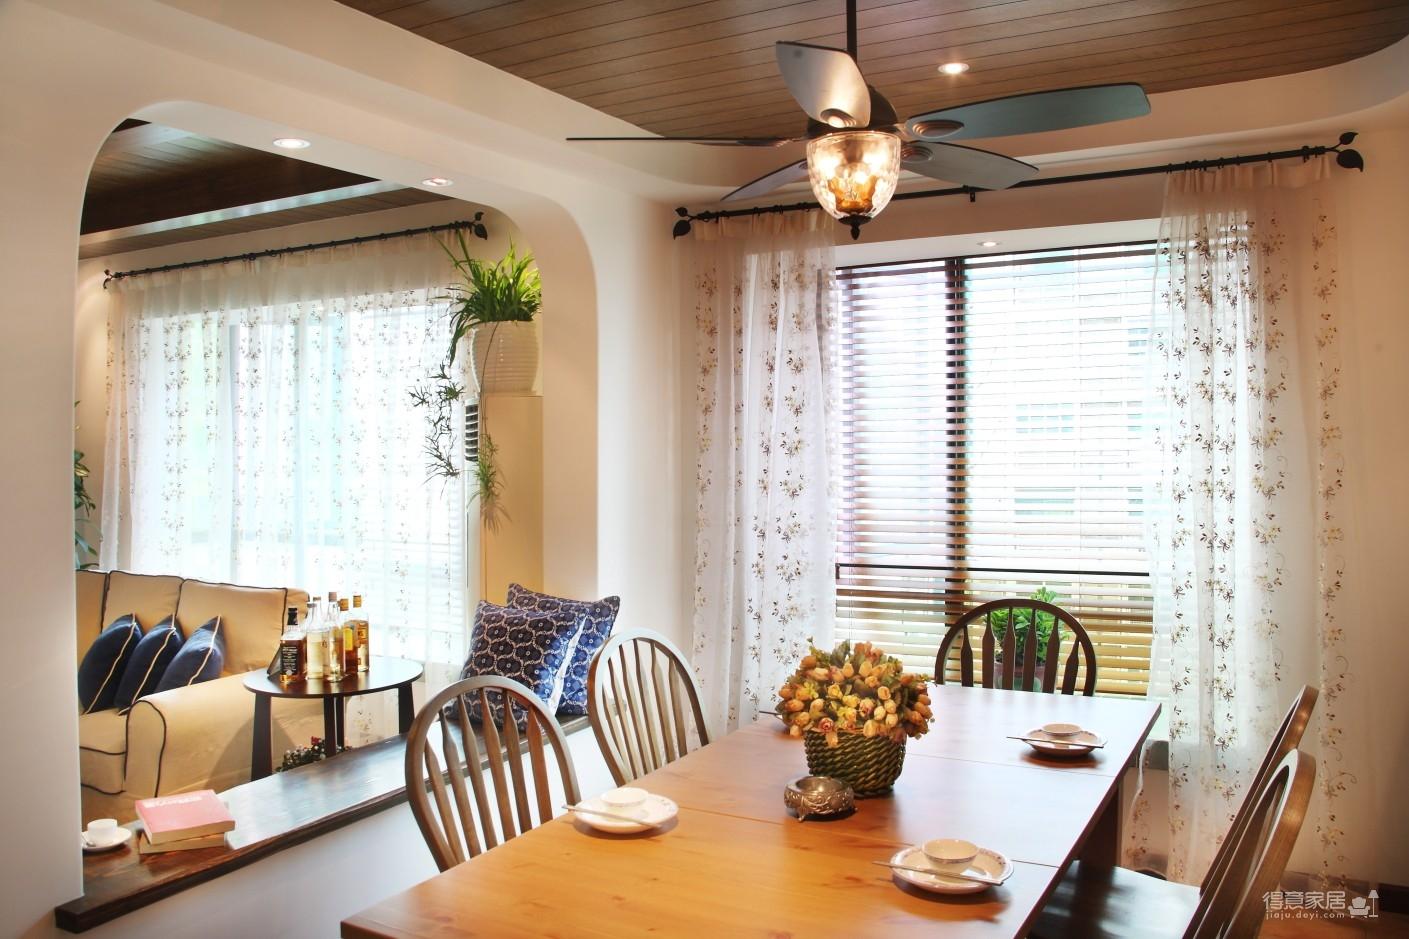 130㎡空间里的圆拱门,让家更添复古时尚气息图_10